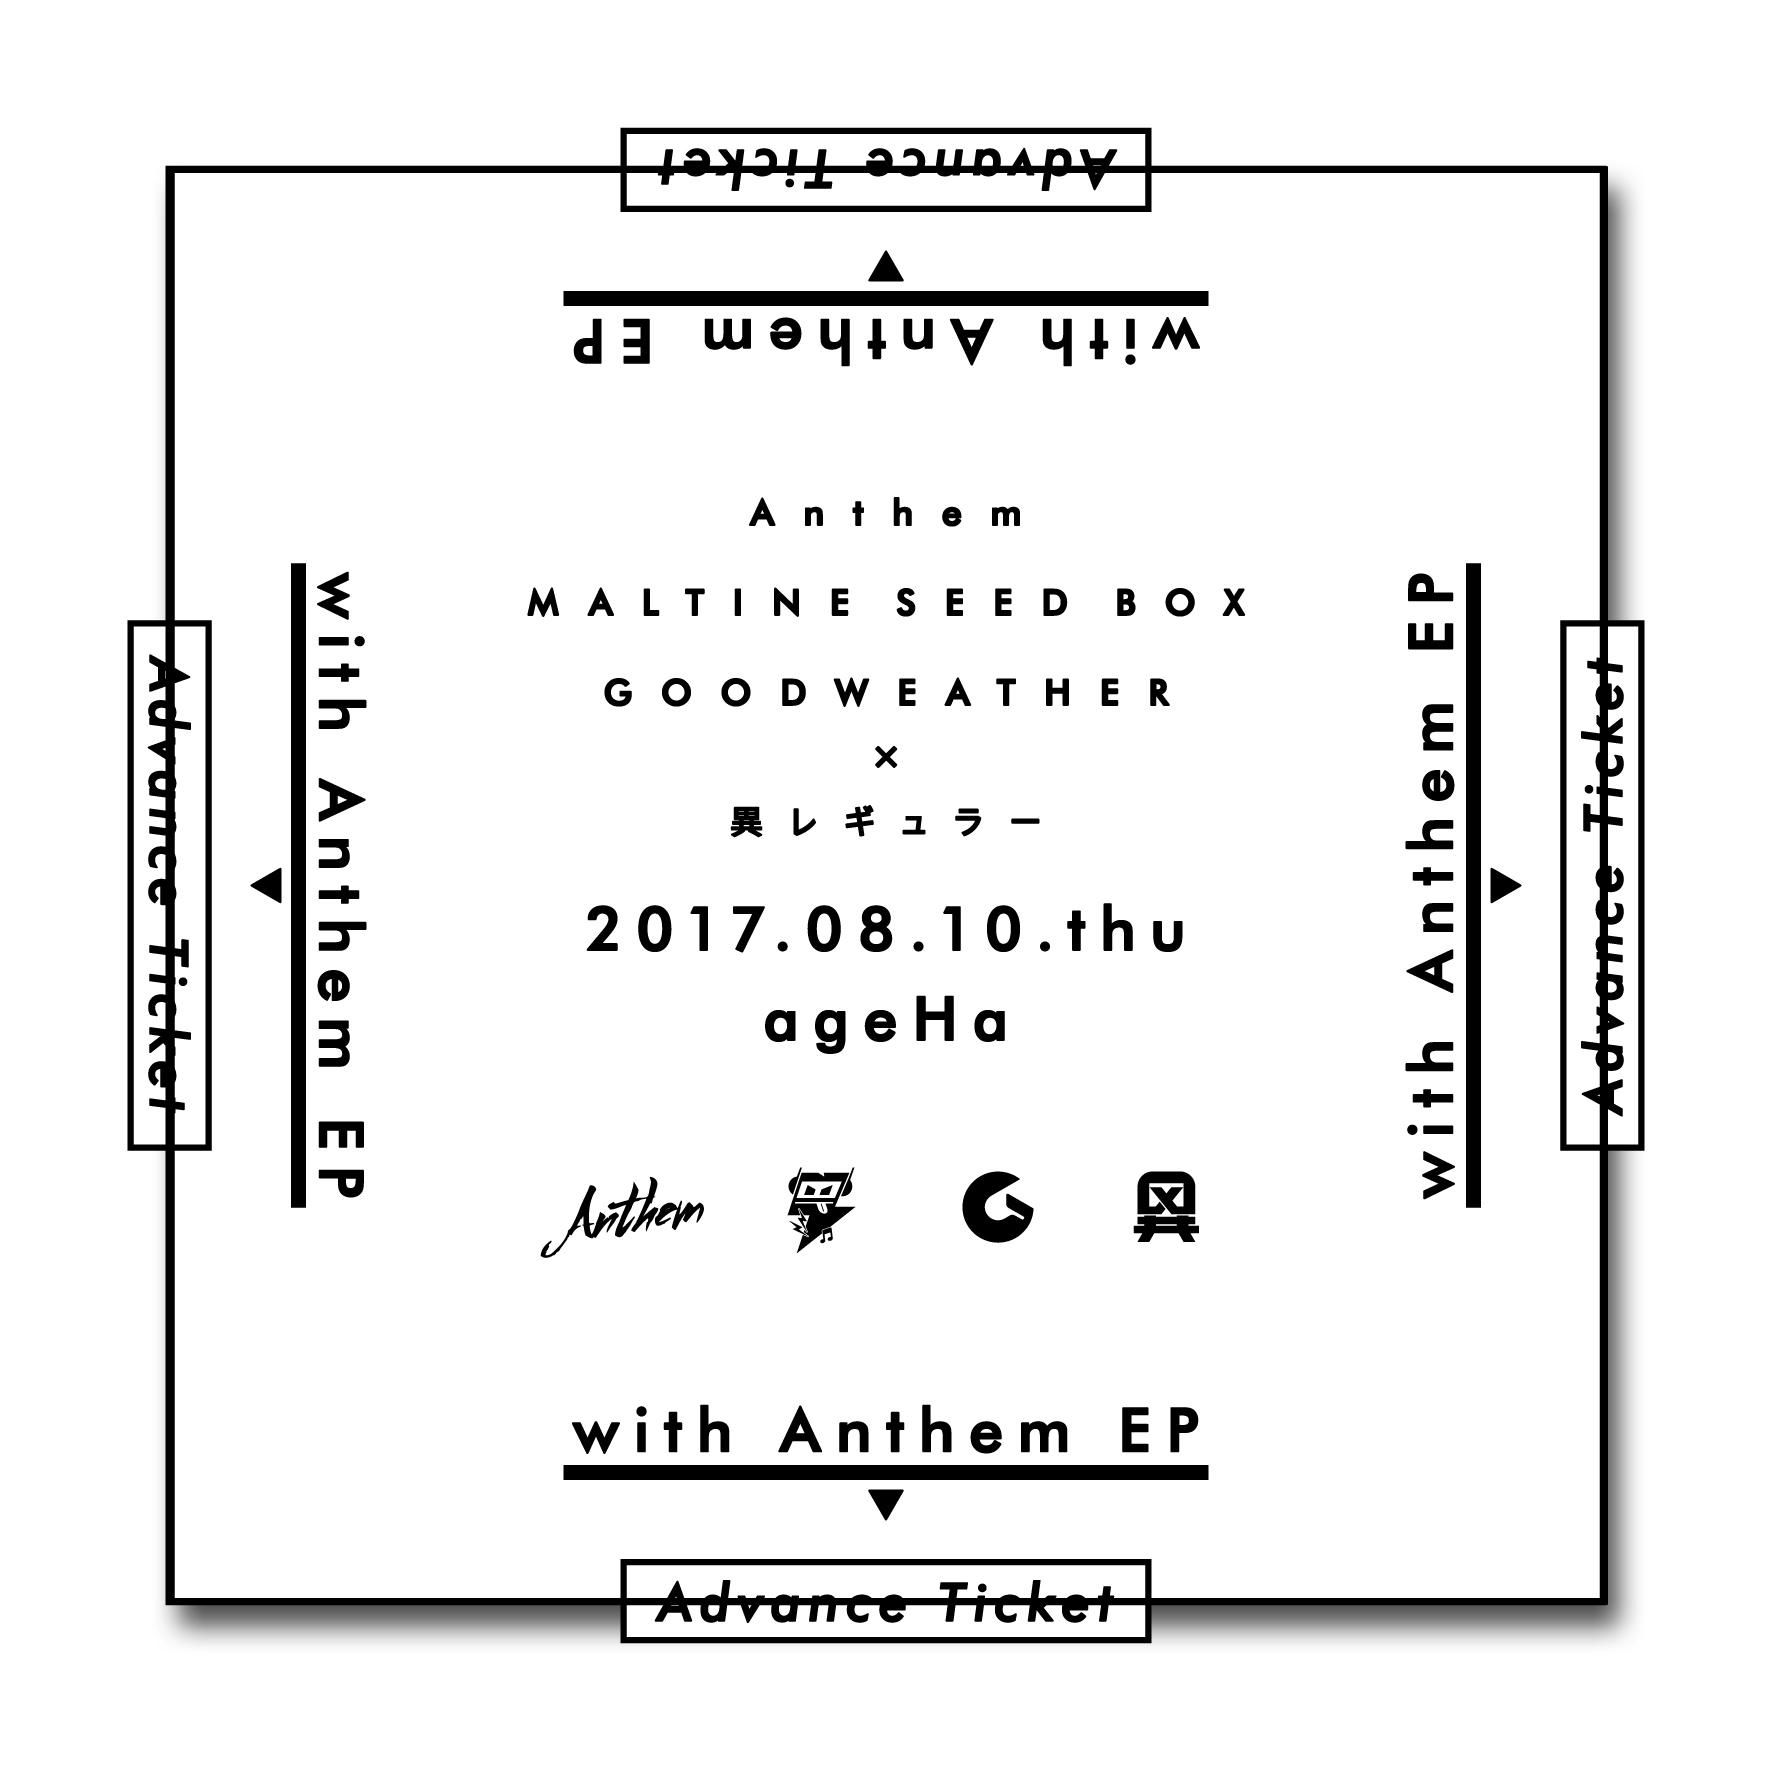 ANTHE-Ticket-Jpeg-022wF.jpg